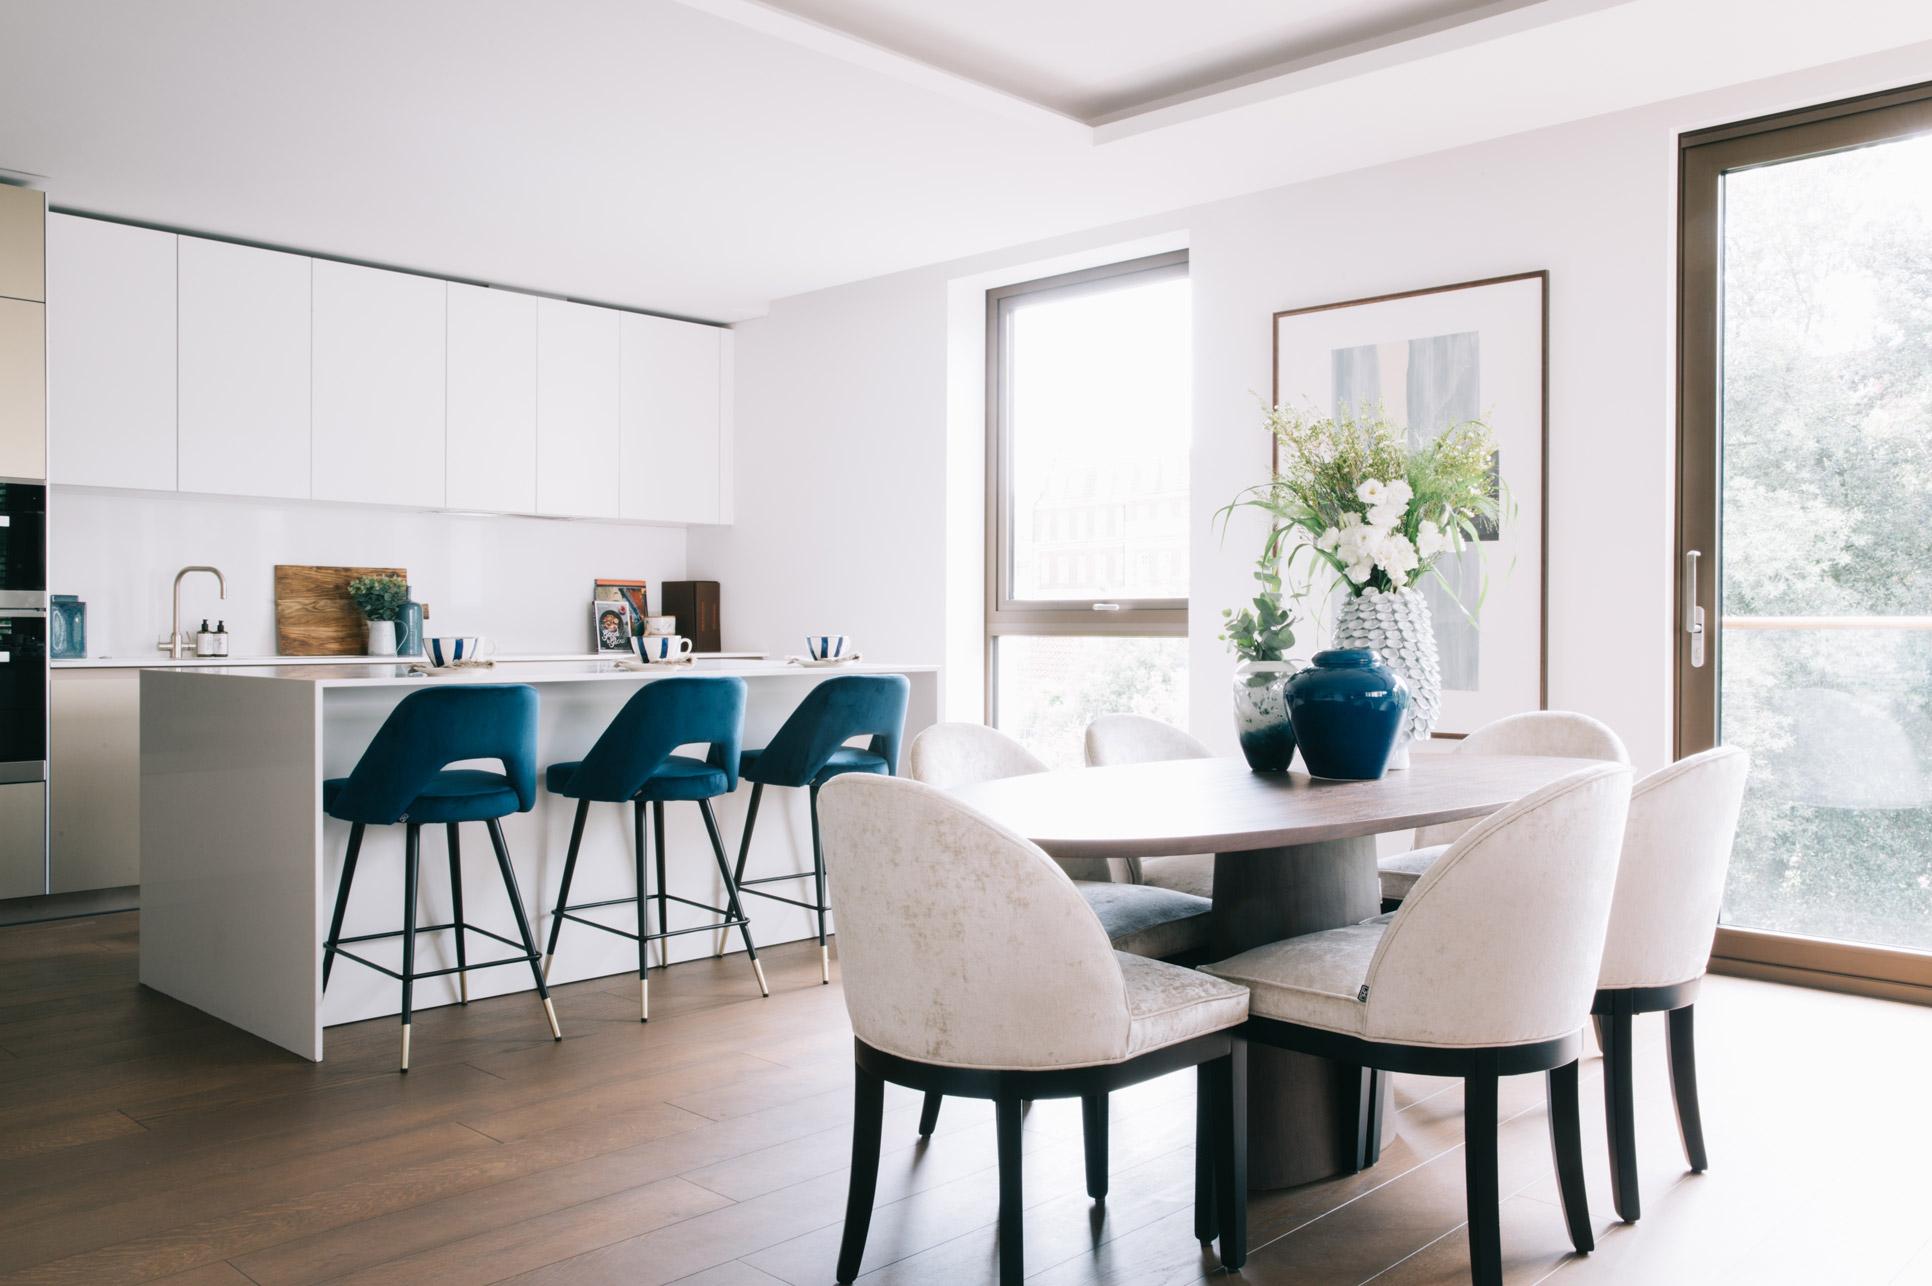 A_LONDON_Holland_Park_Villas_08_Dining_Area_Kitchen_Living_Room.jpg